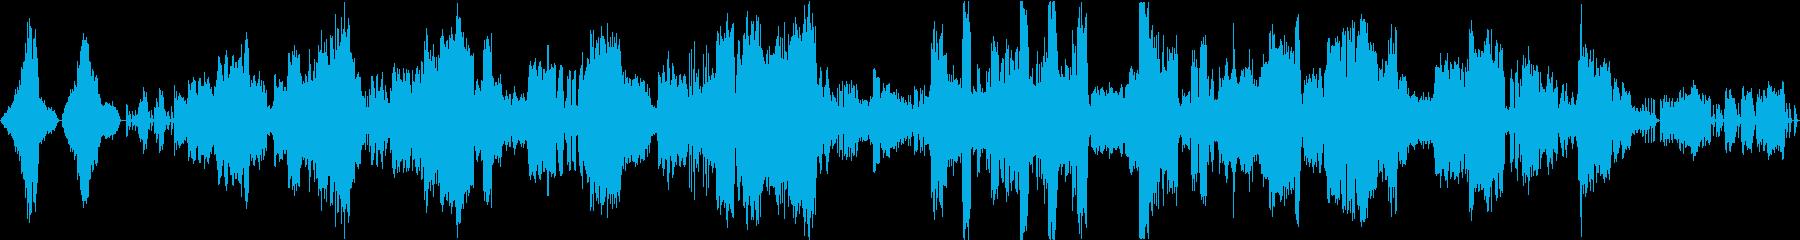 カミーユ・サン=サーンスのカバーの再生済みの波形